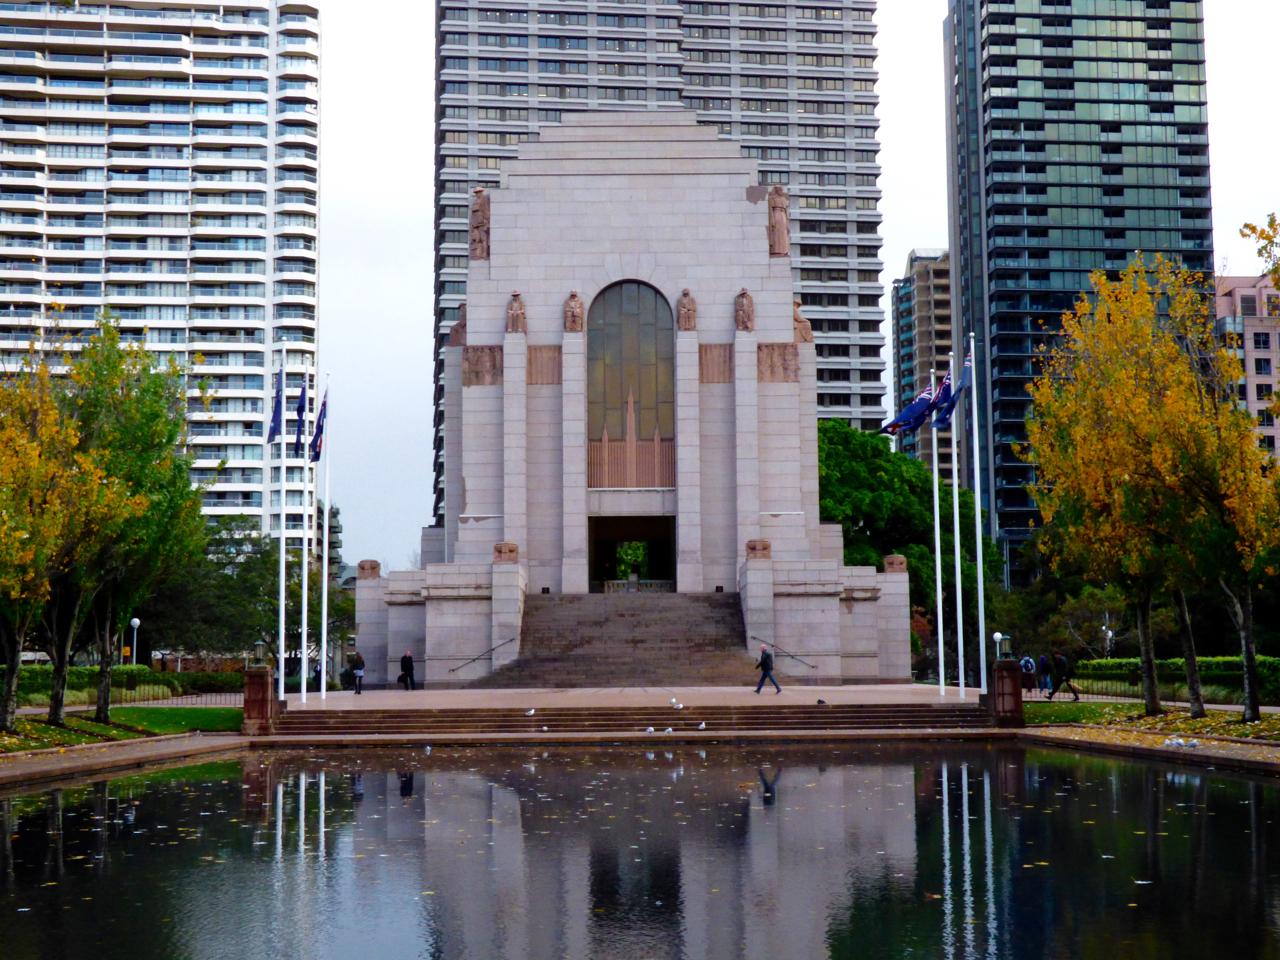 Sydney ANZAC War Memorial